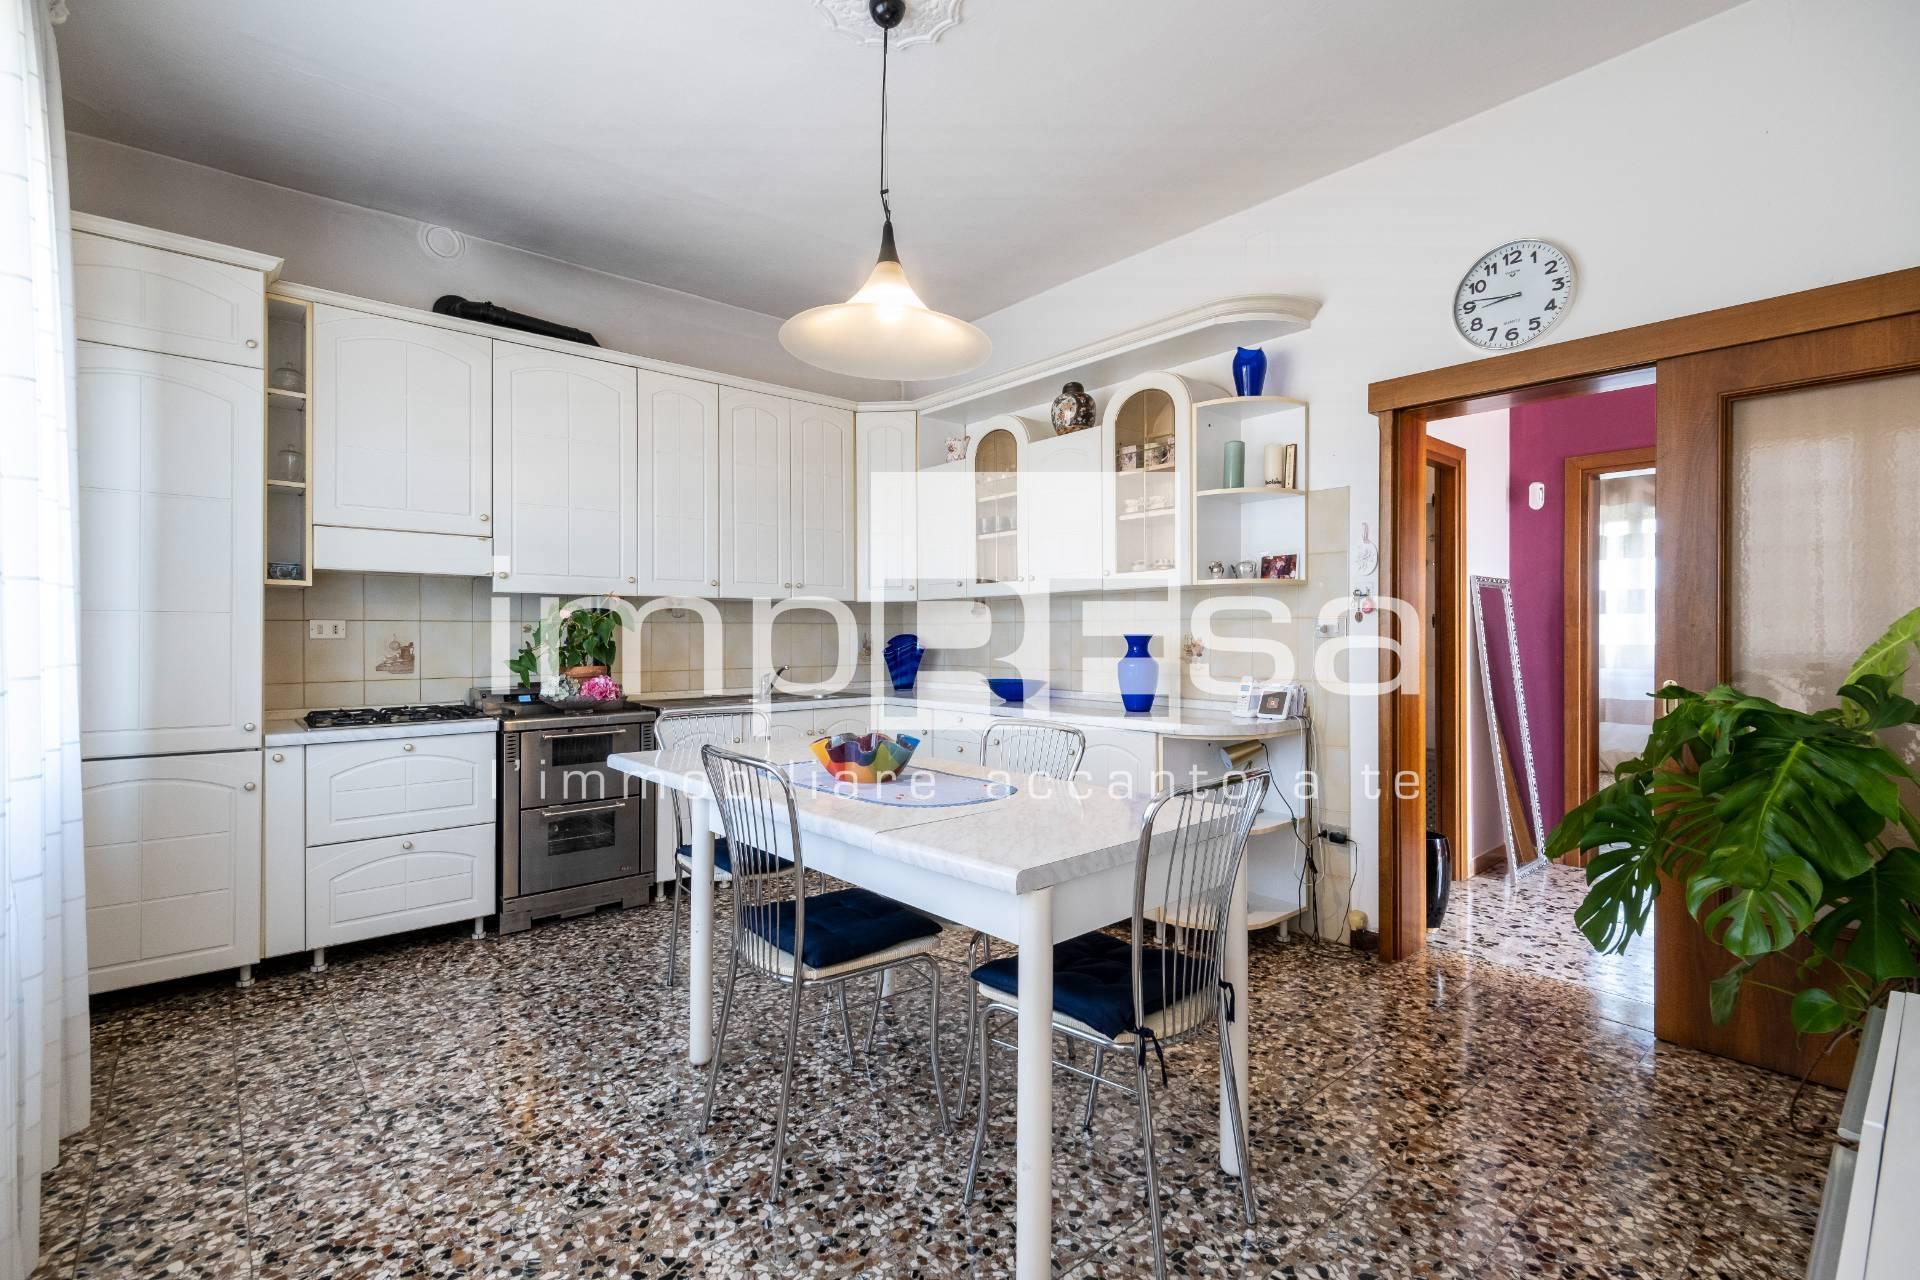 Appartamento in vendita a San Biagio di Callalta, 3 locali, zona Località: S.AndreadiBarbarana, prezzo € 89.000 | PortaleAgenzieImmobiliari.it